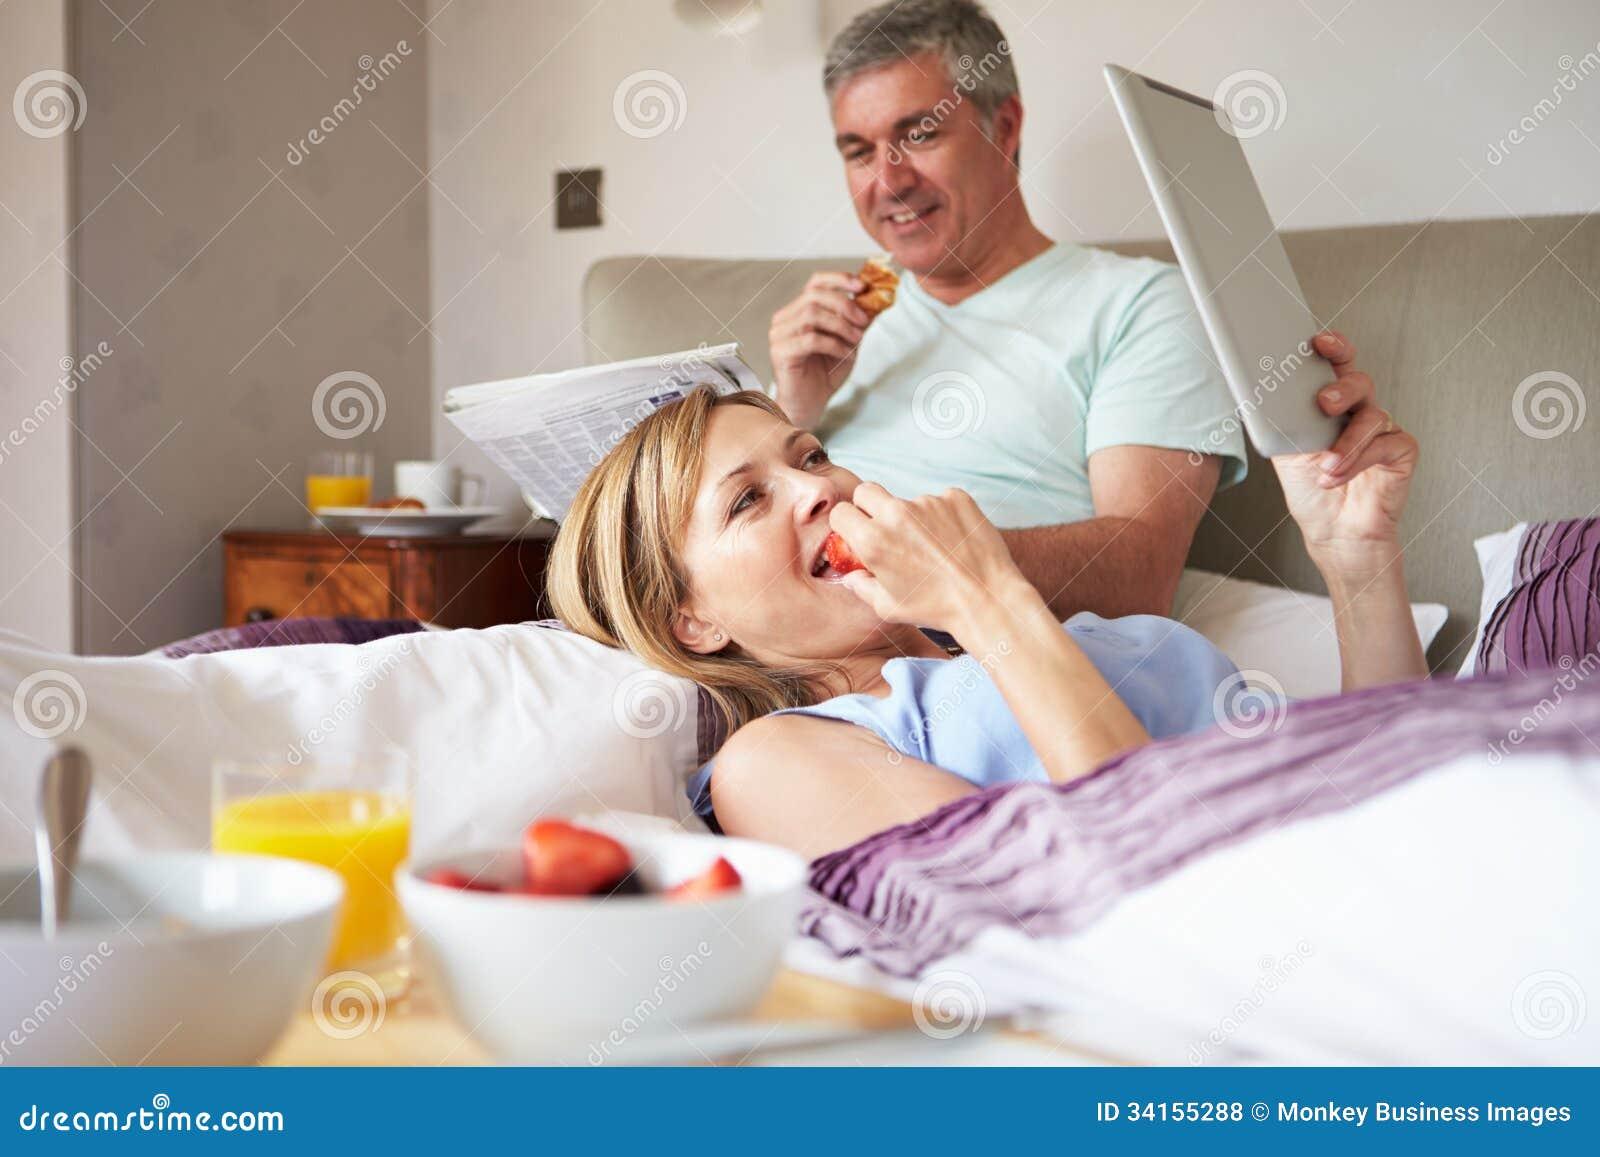 incontri con coppie letto Guidonia Montecelio